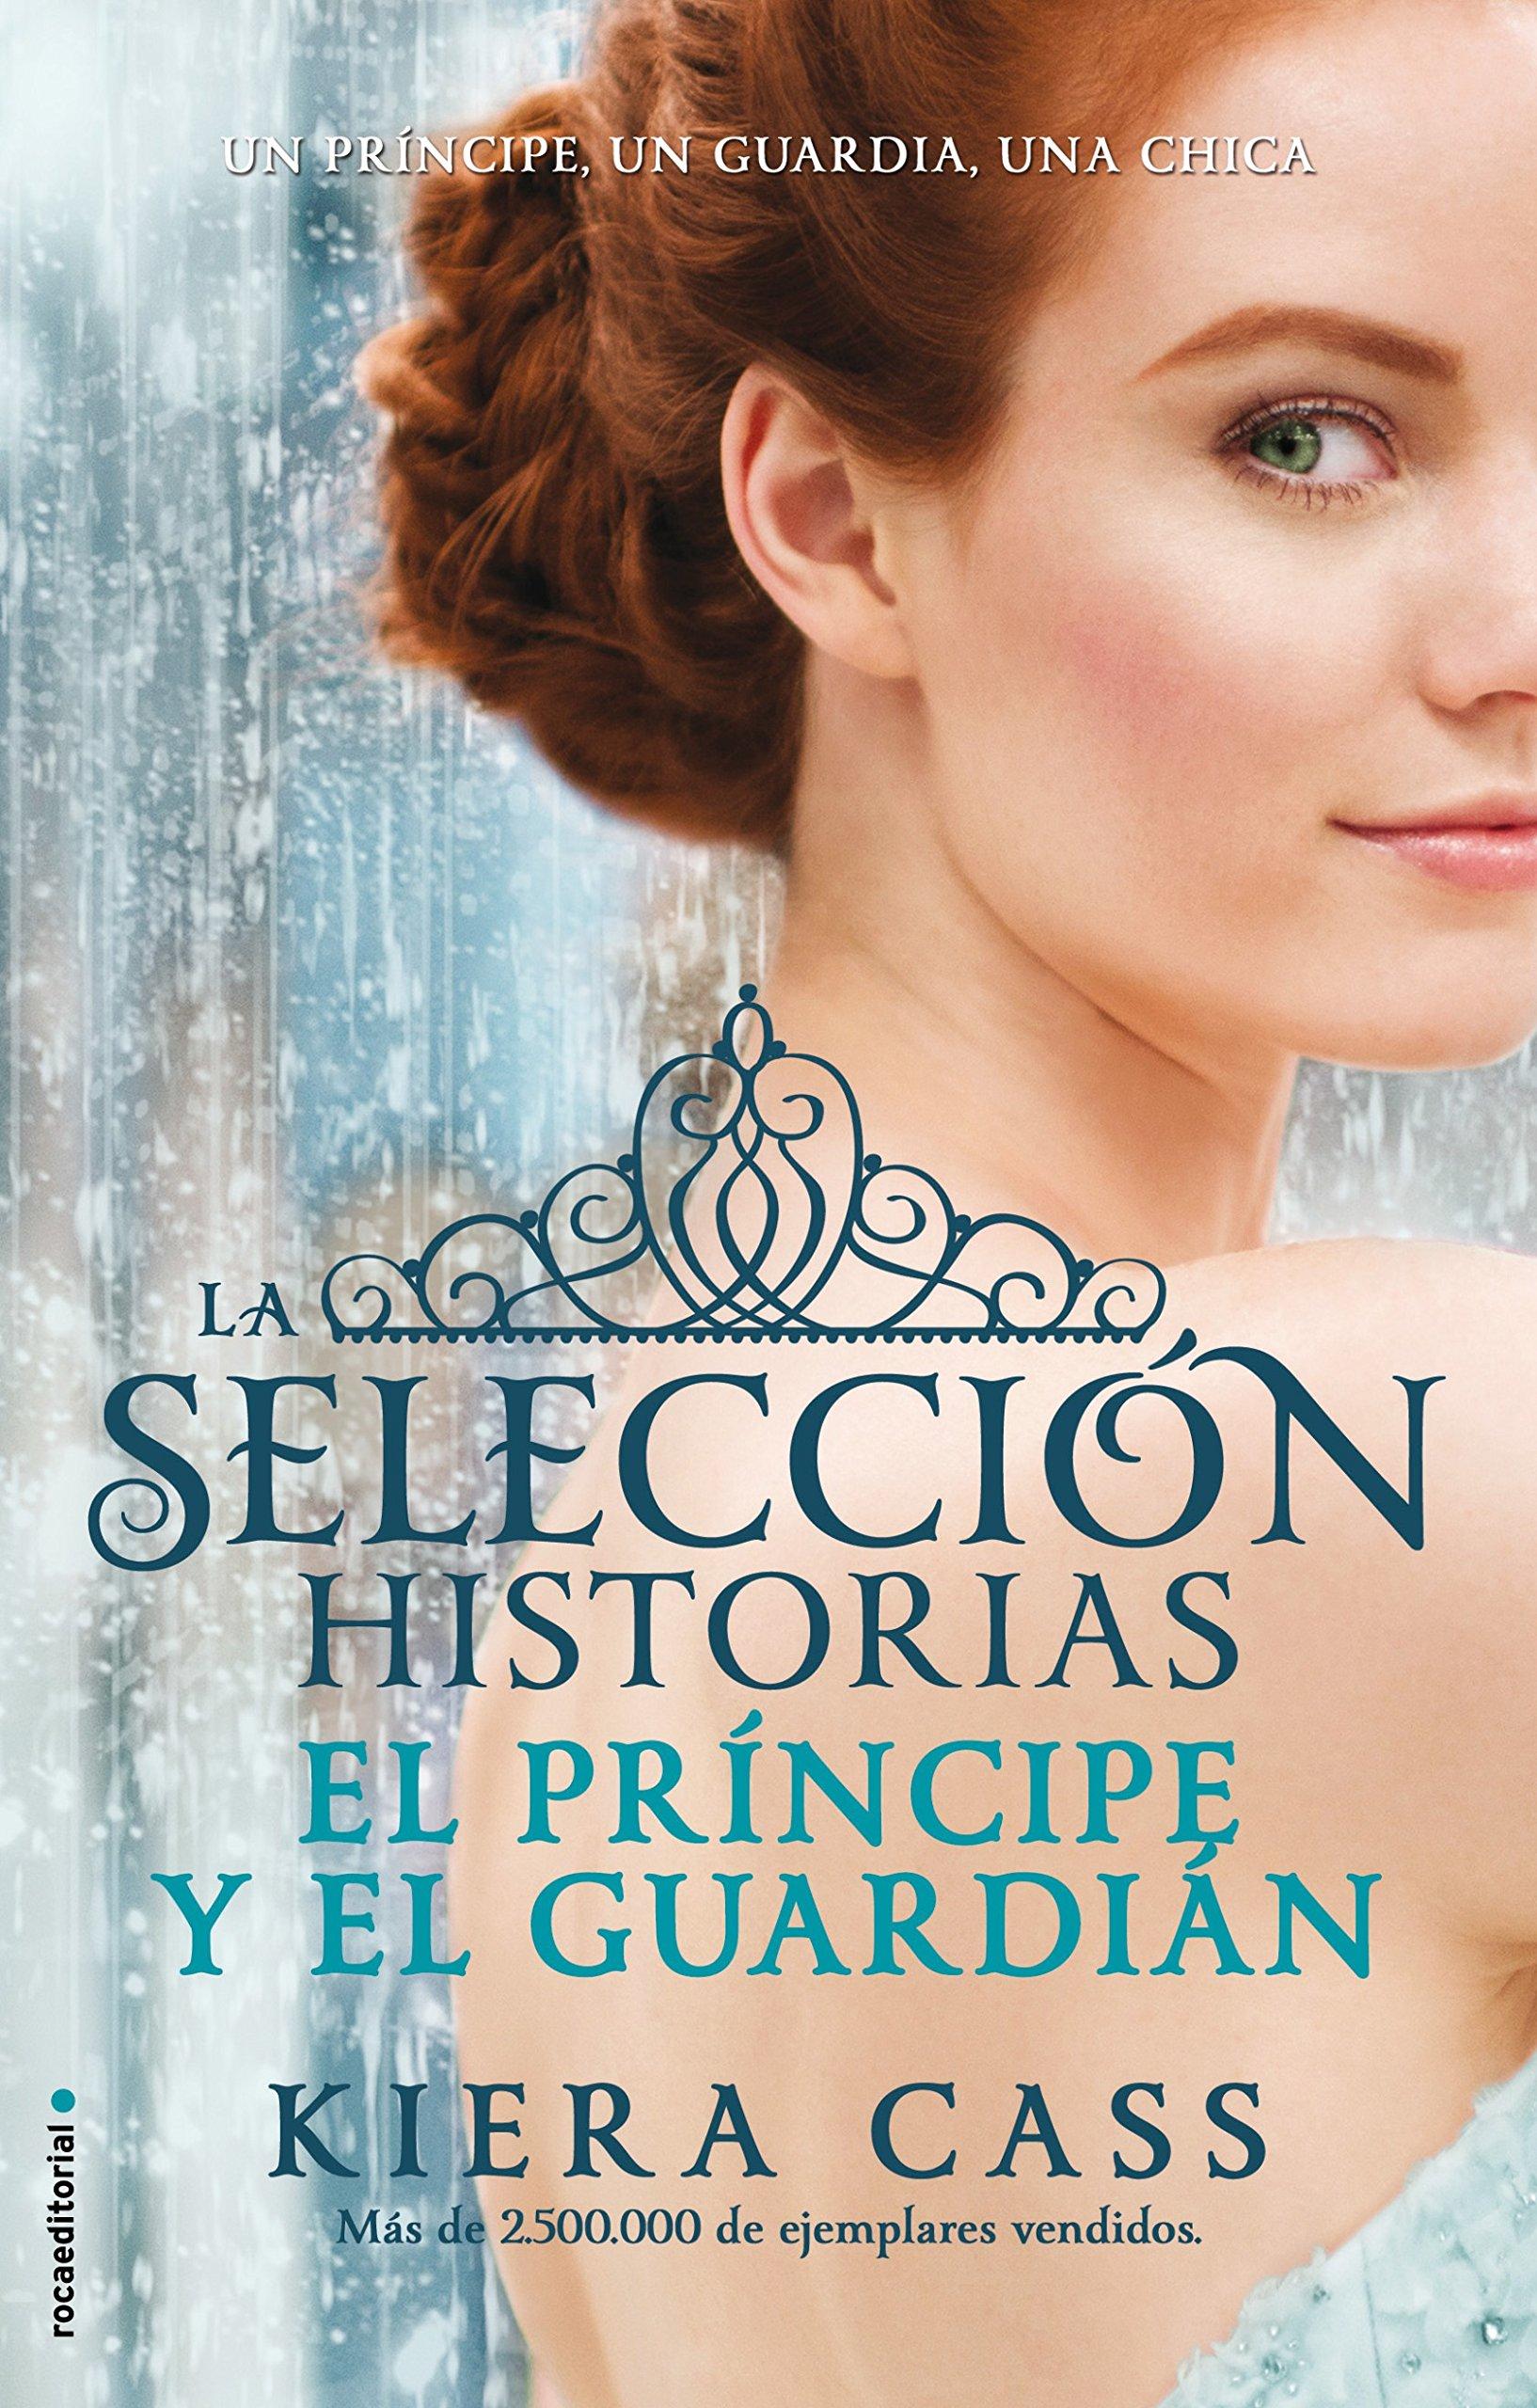 Historias de La Seleccion Vol. 1 (Historias De La Seleccion/the Selection) (Spanish Edition) (La seleccion: Historias/The Selection: Histories) ...